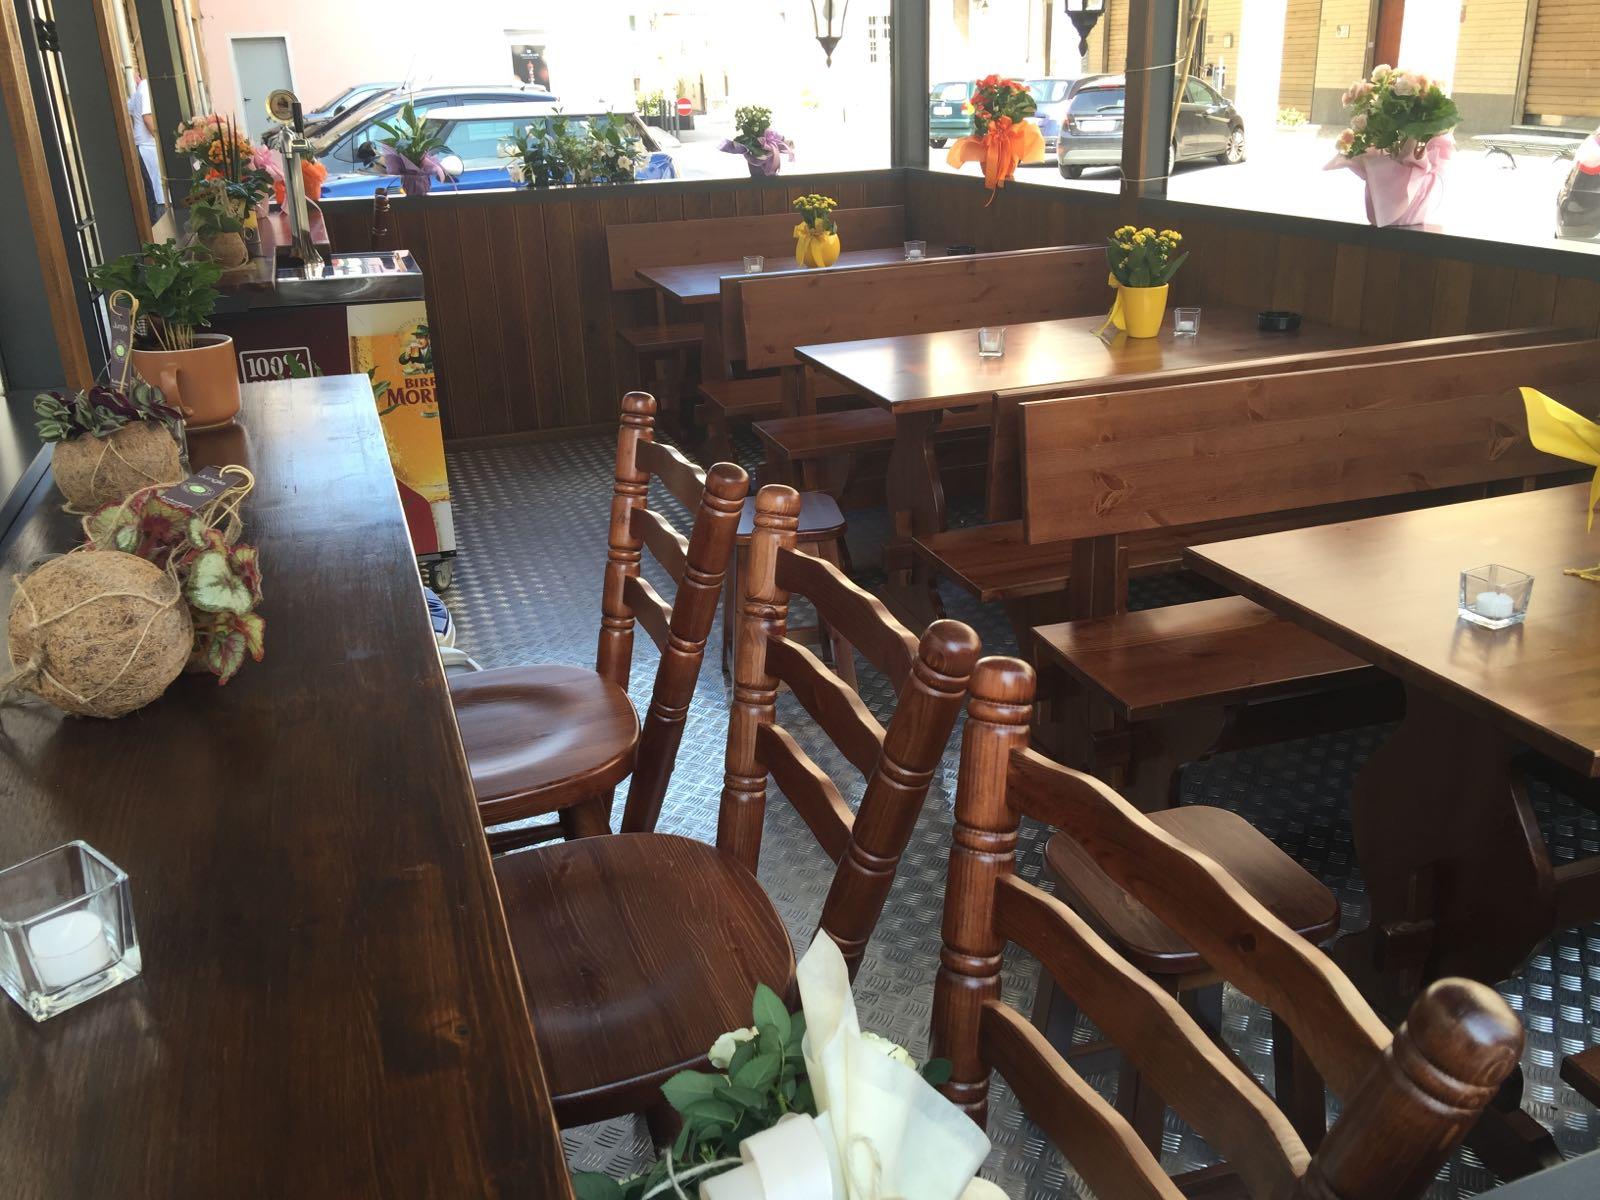 Panca in legno per pub per irish pub birreria pub su misura